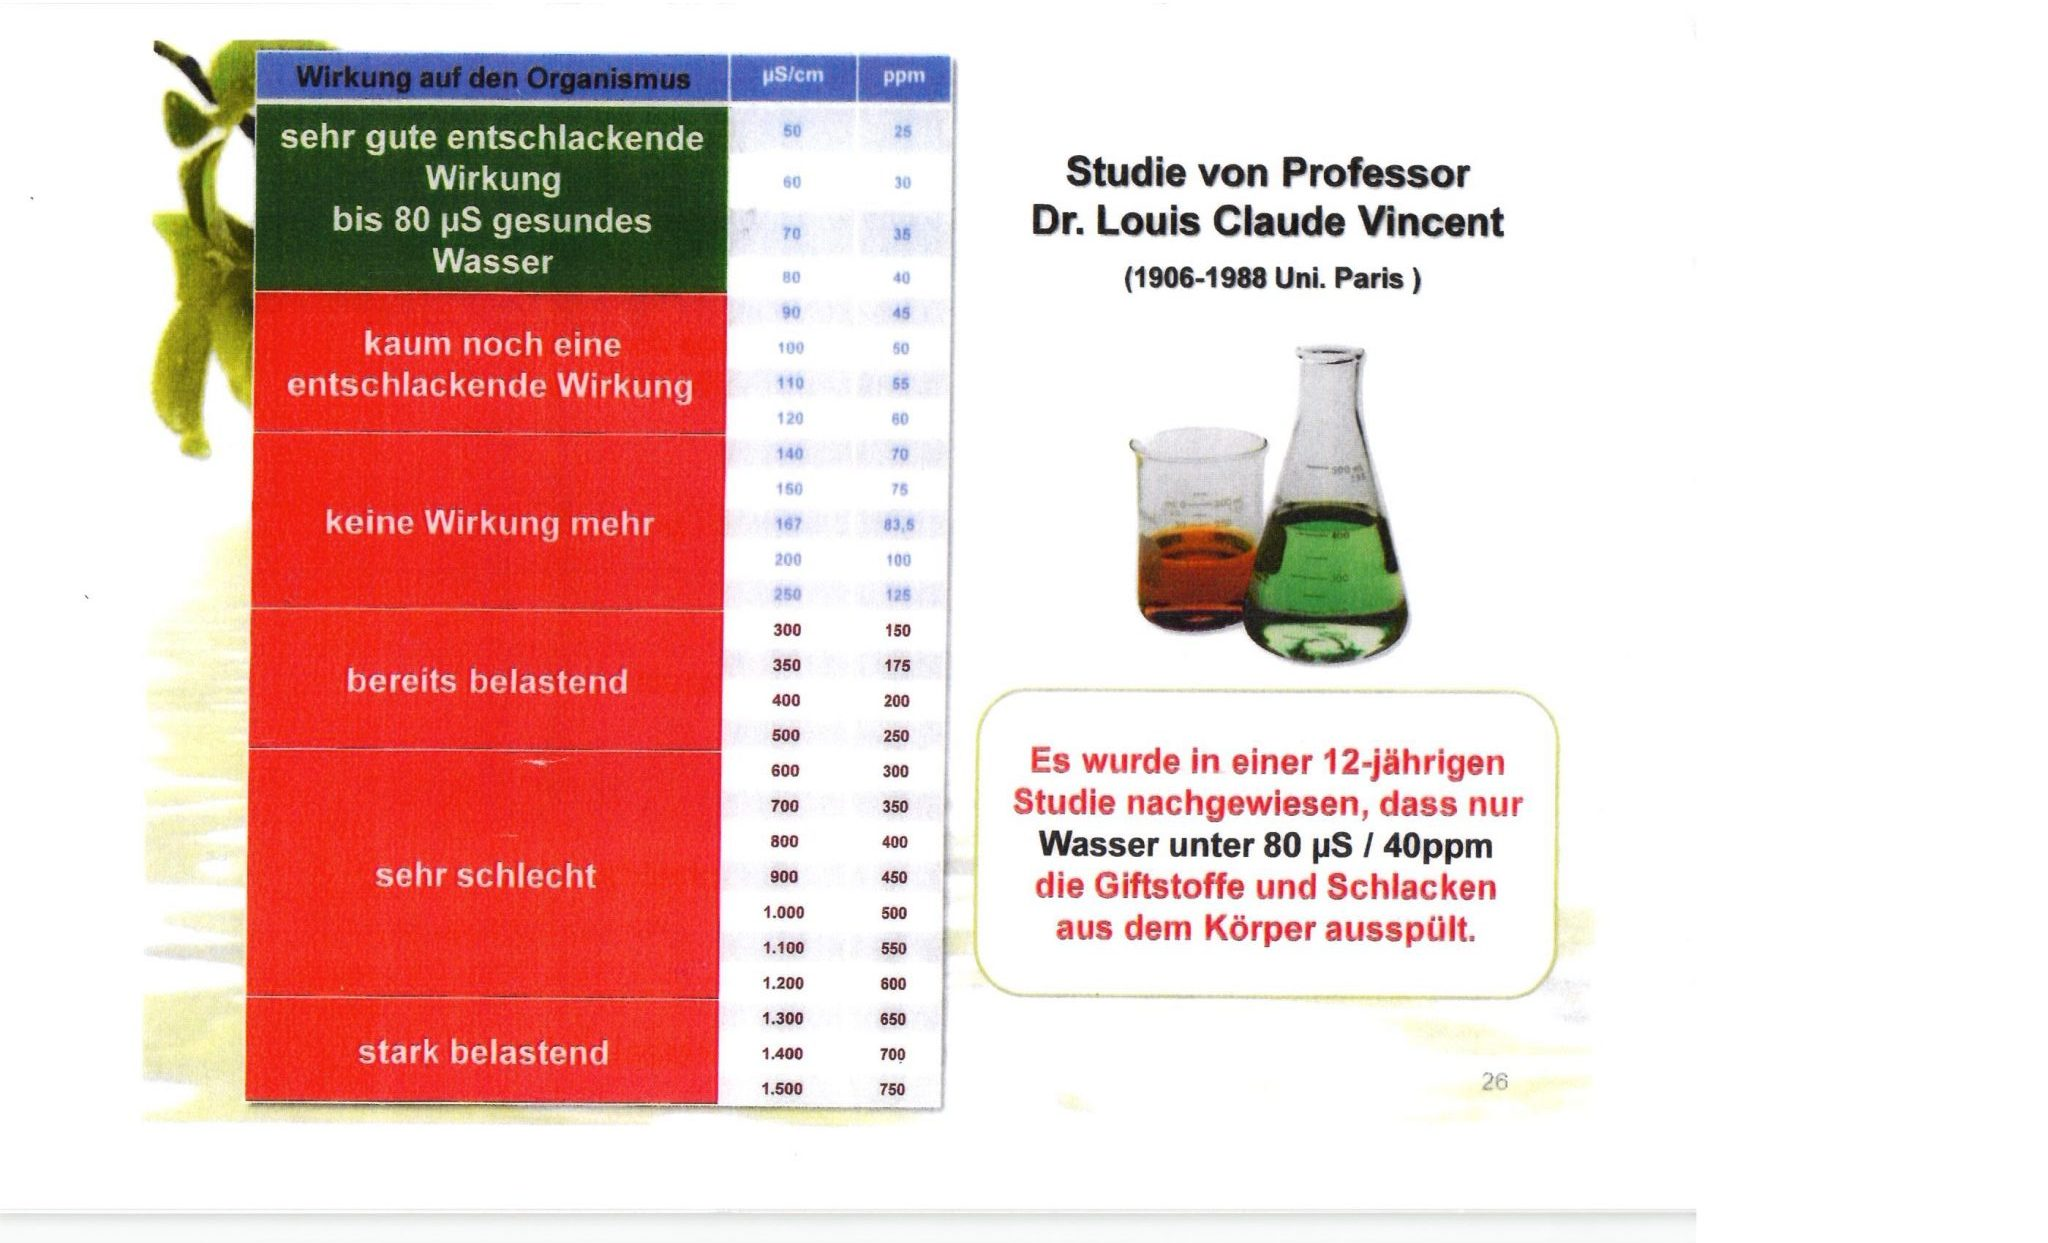 Wasser Studie von Professor Dr. Louis Claude Vincent - Wir testen ihr Leitungswasser in Luzern